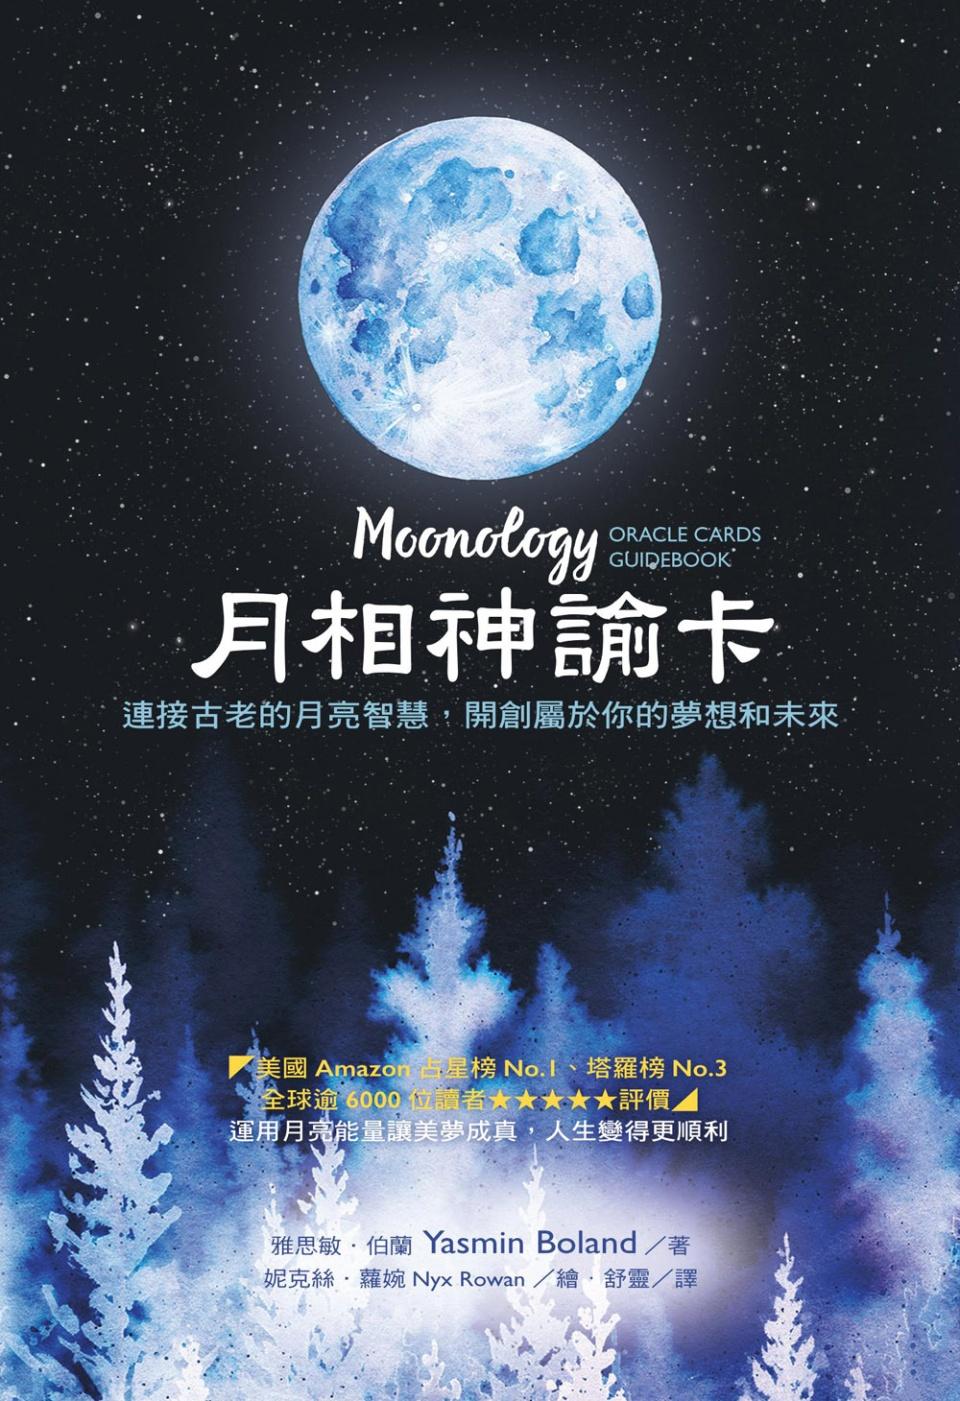 月相神諭卡:連接古老的月亮智慧...